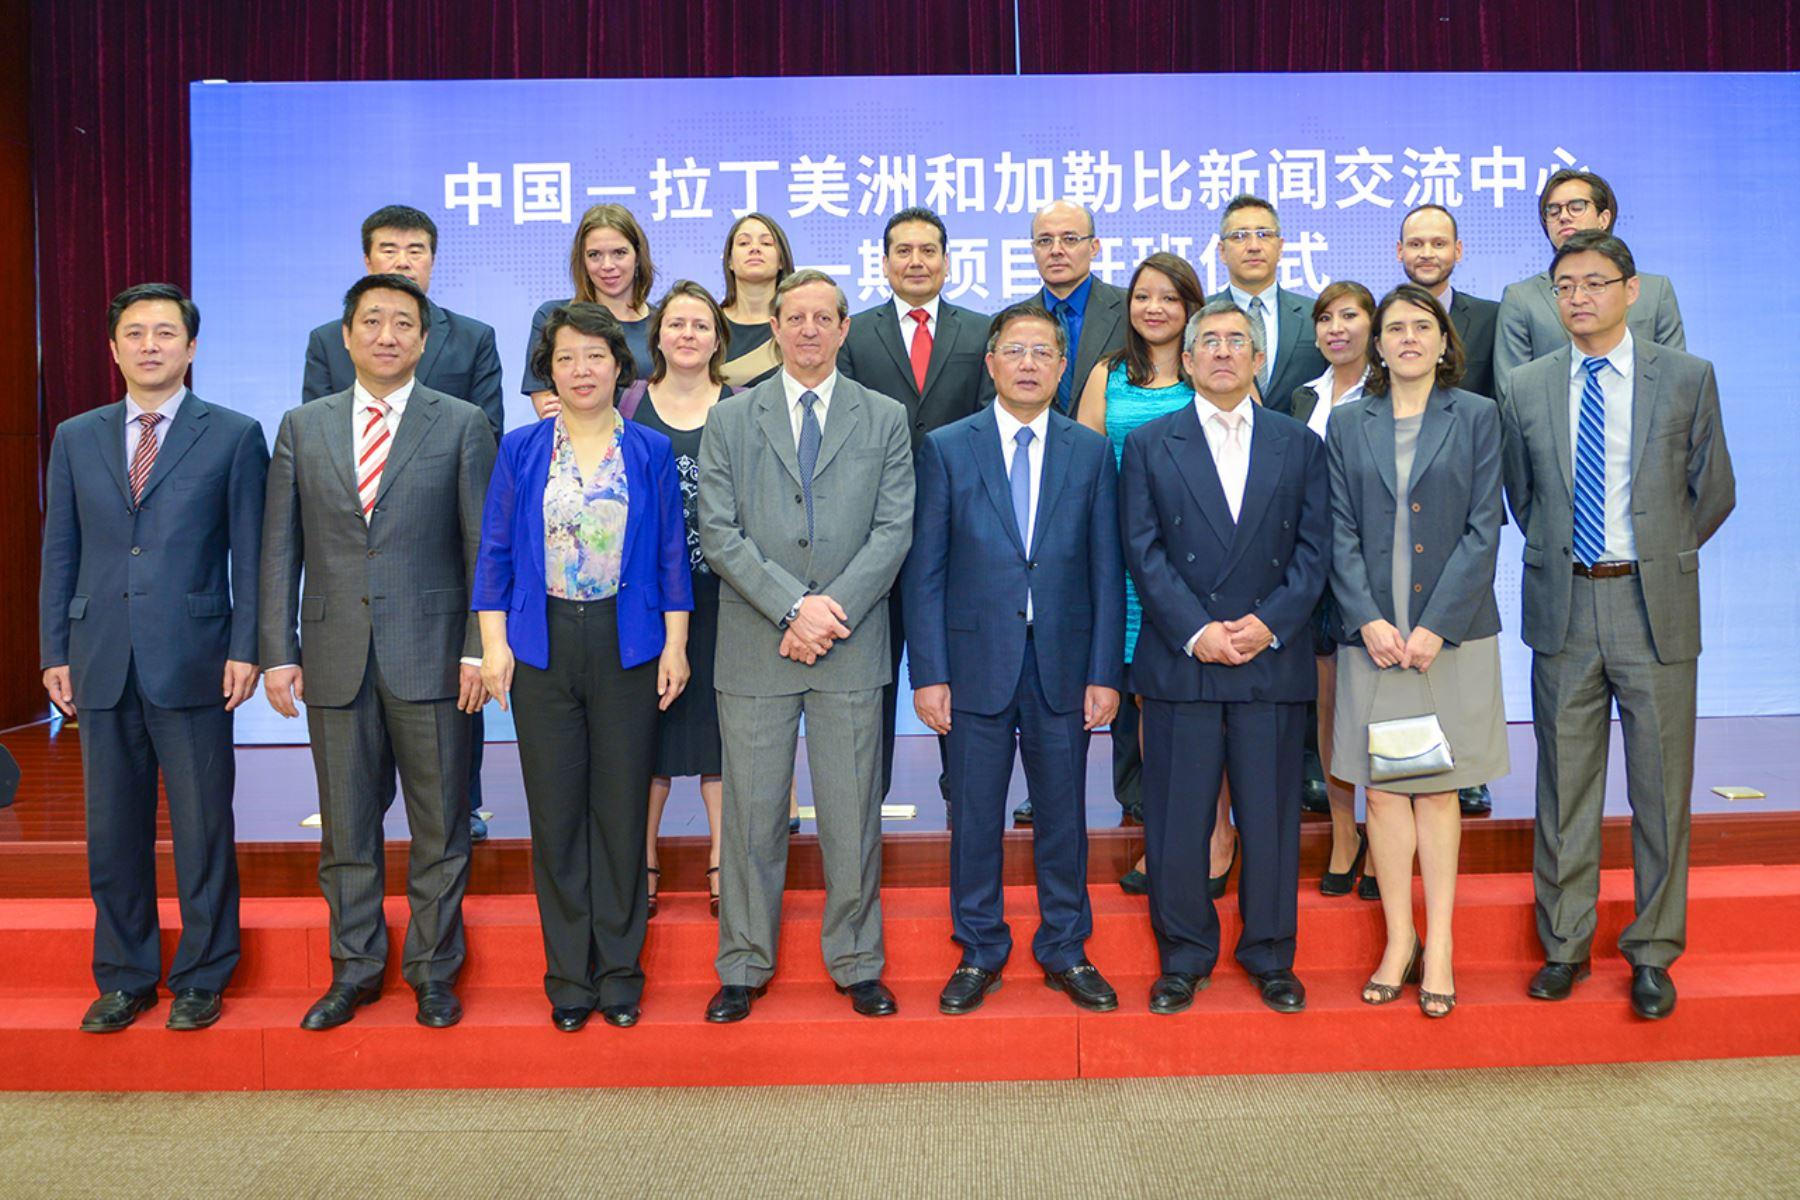 Vicepresidente de la Asociación de Diplomacia Pública de China, Hu Zhengyue, con embajadores y los once periodistas participantes del primer curso del Centro de Intercambio de Prensa China-América Latina y el Caribe (Clacpc 2017)